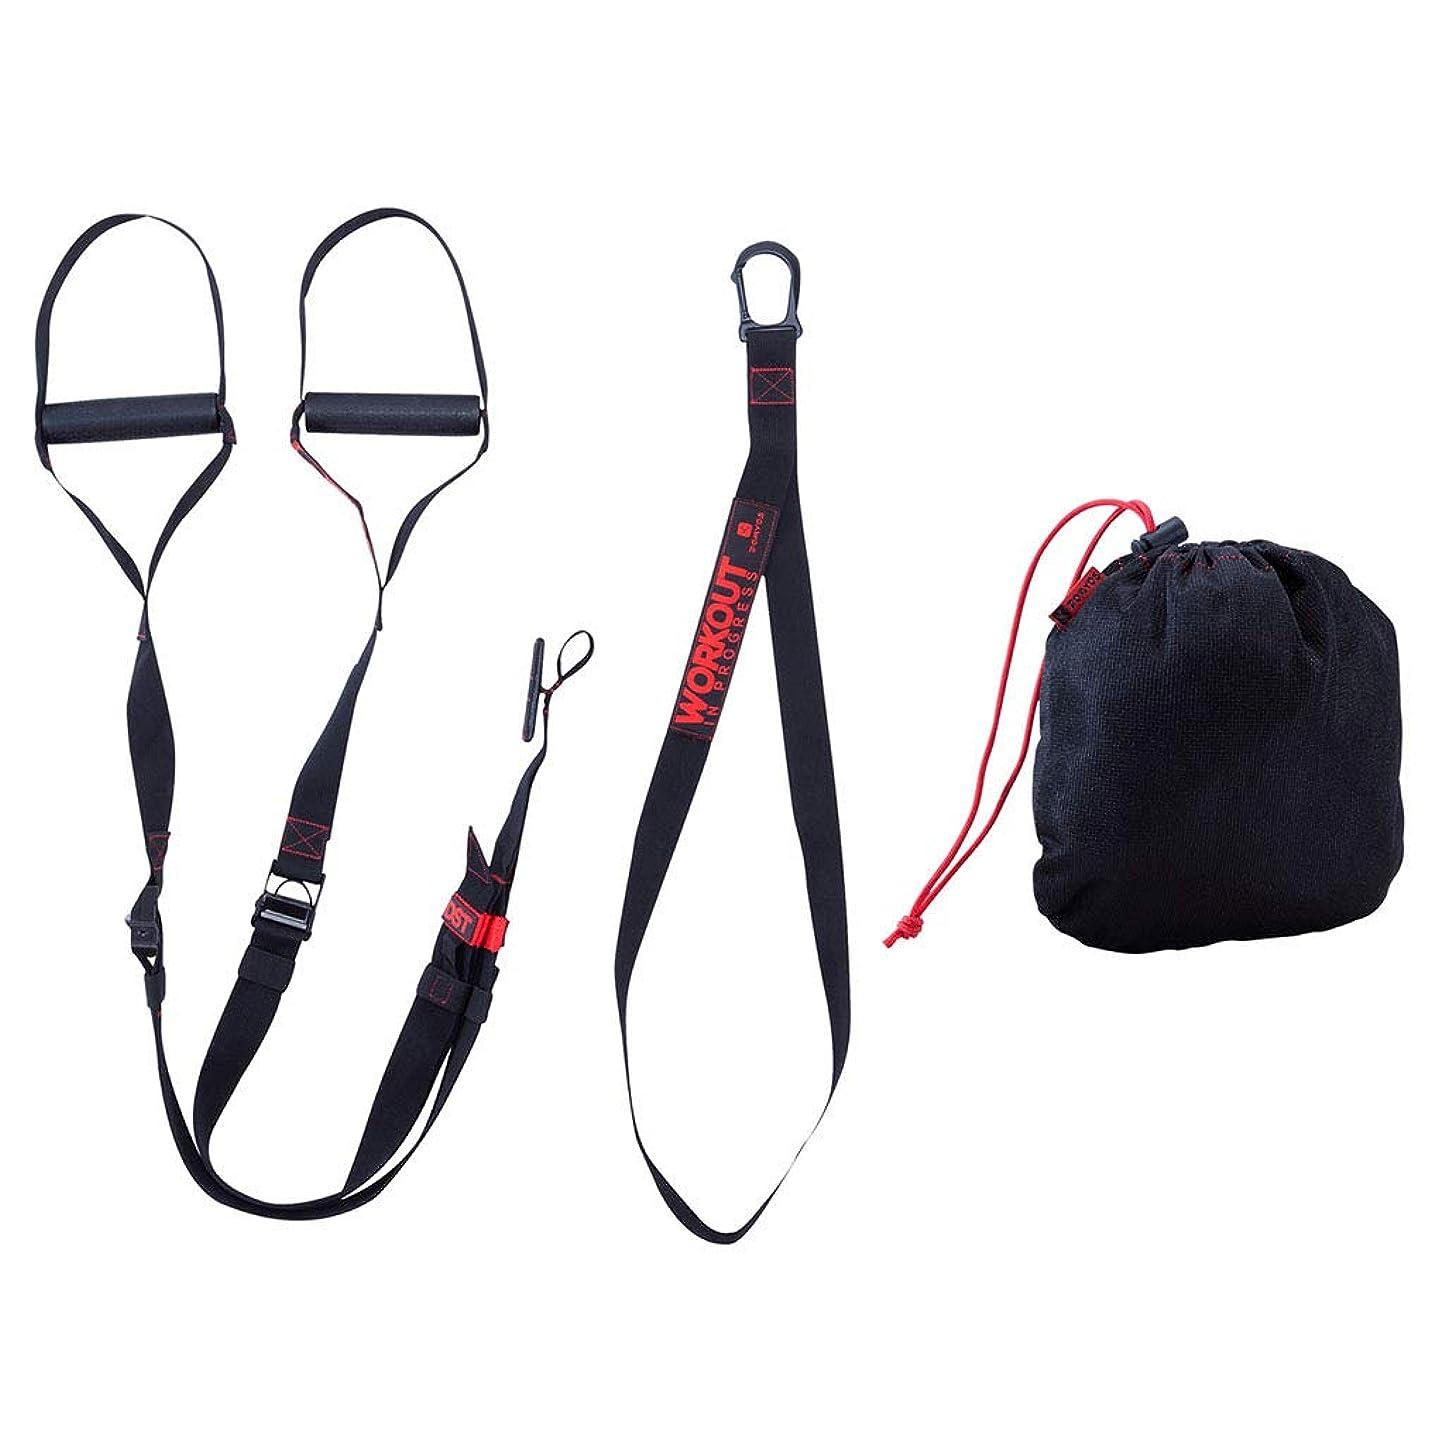 アクセサリー確立ホイッスル吊り訓練ベルトプルロープホームフィットネス弾力ベルト抵抗ベルト強度トレーニング (色 : 黒)